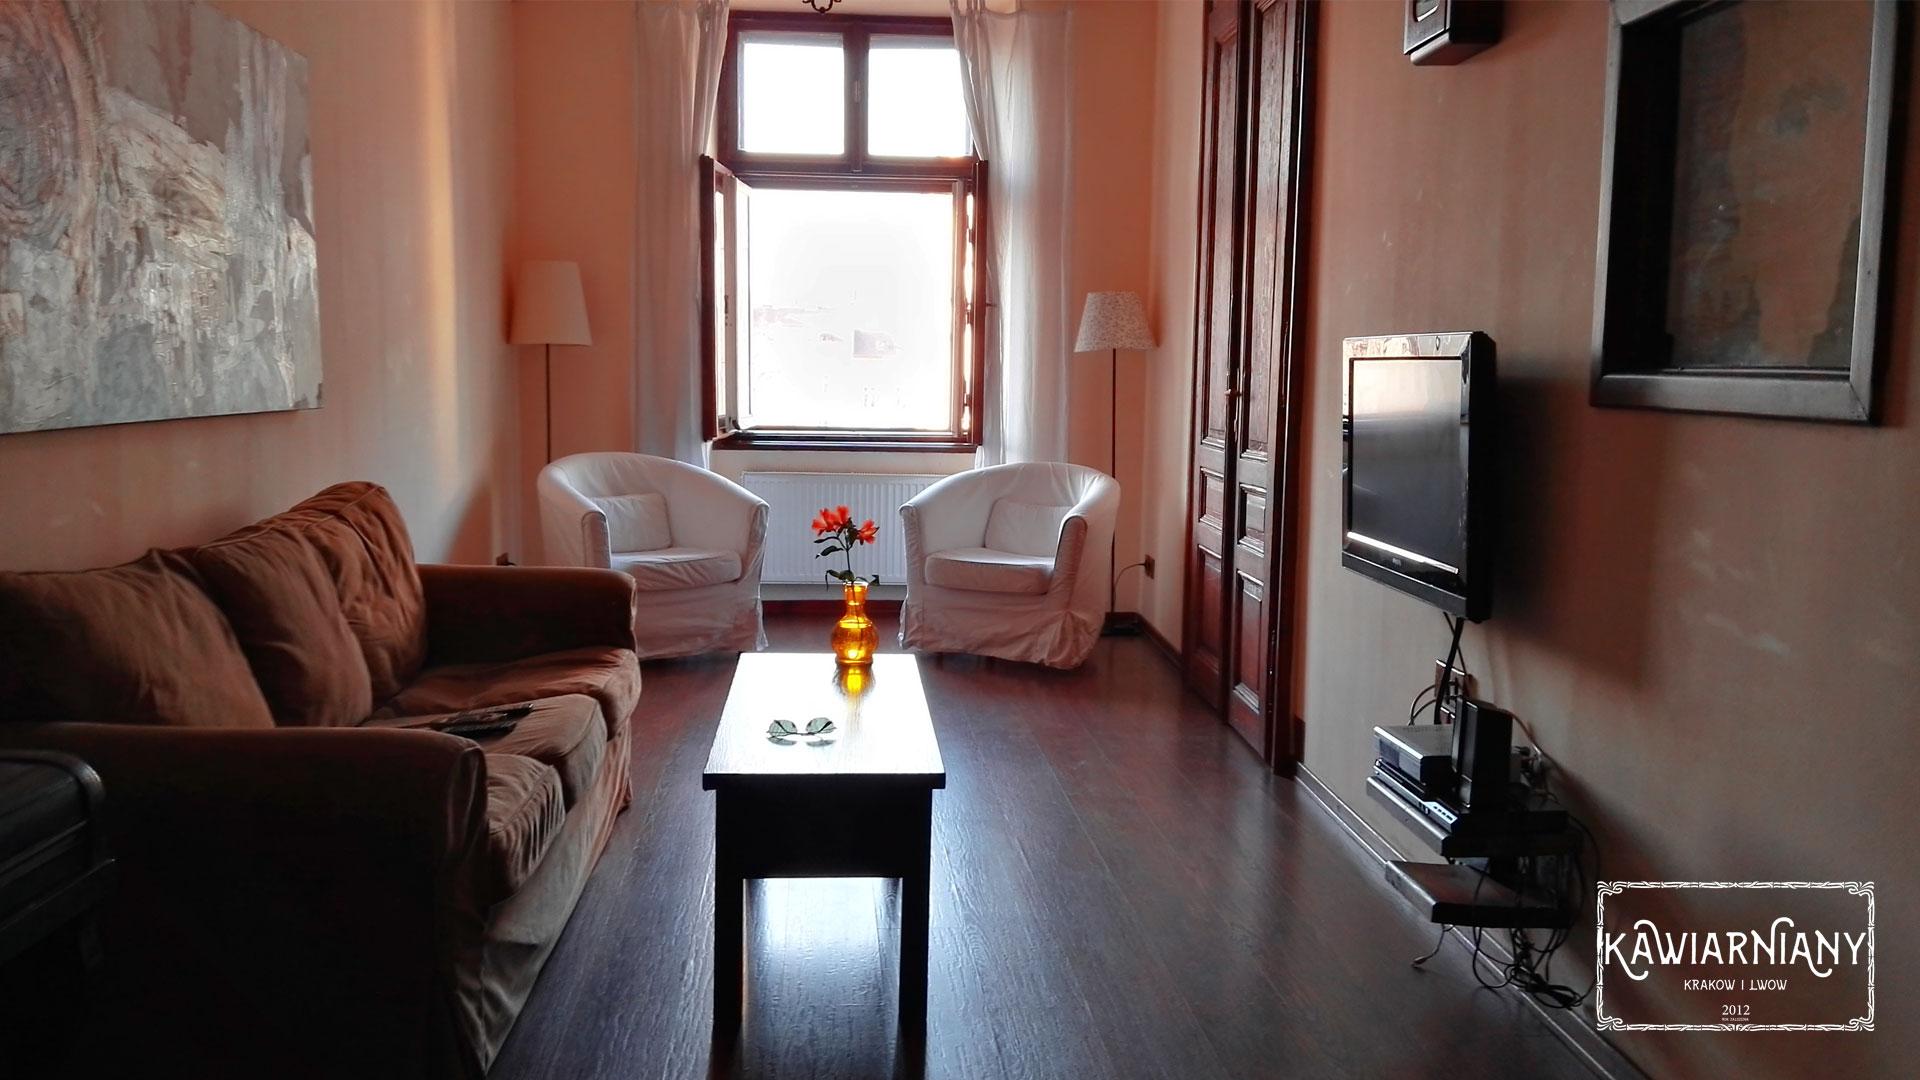 Jak wynajmować na Airbnb? Poradnik wynajmu apartamentów. Plusy, minusy, opinia